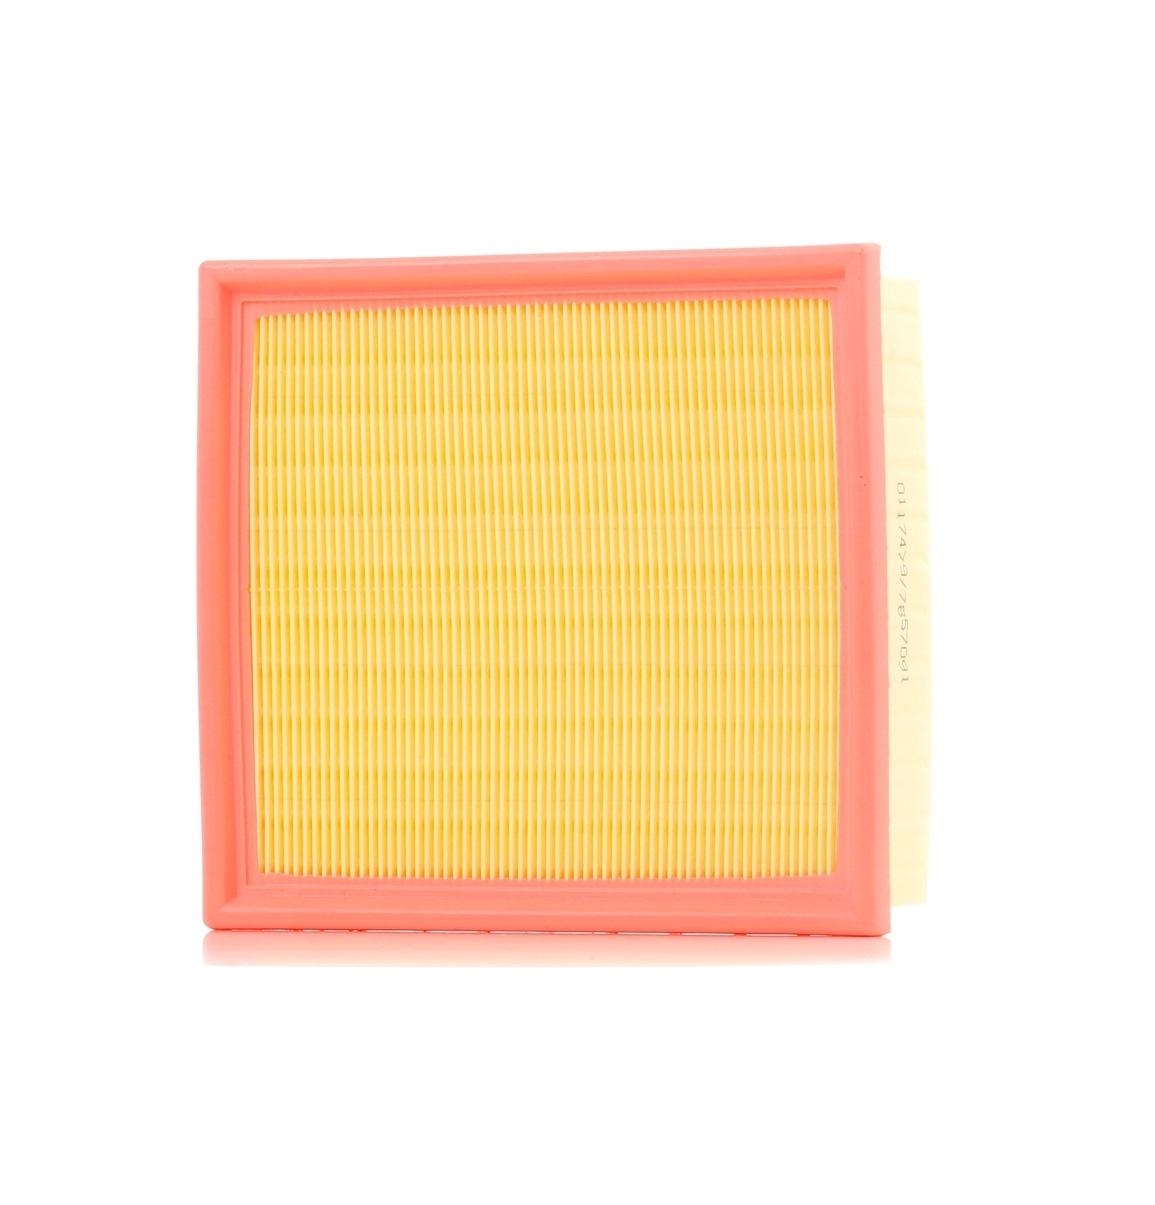 Zracni filter SKAF-0060124 STARK - samo novi deli